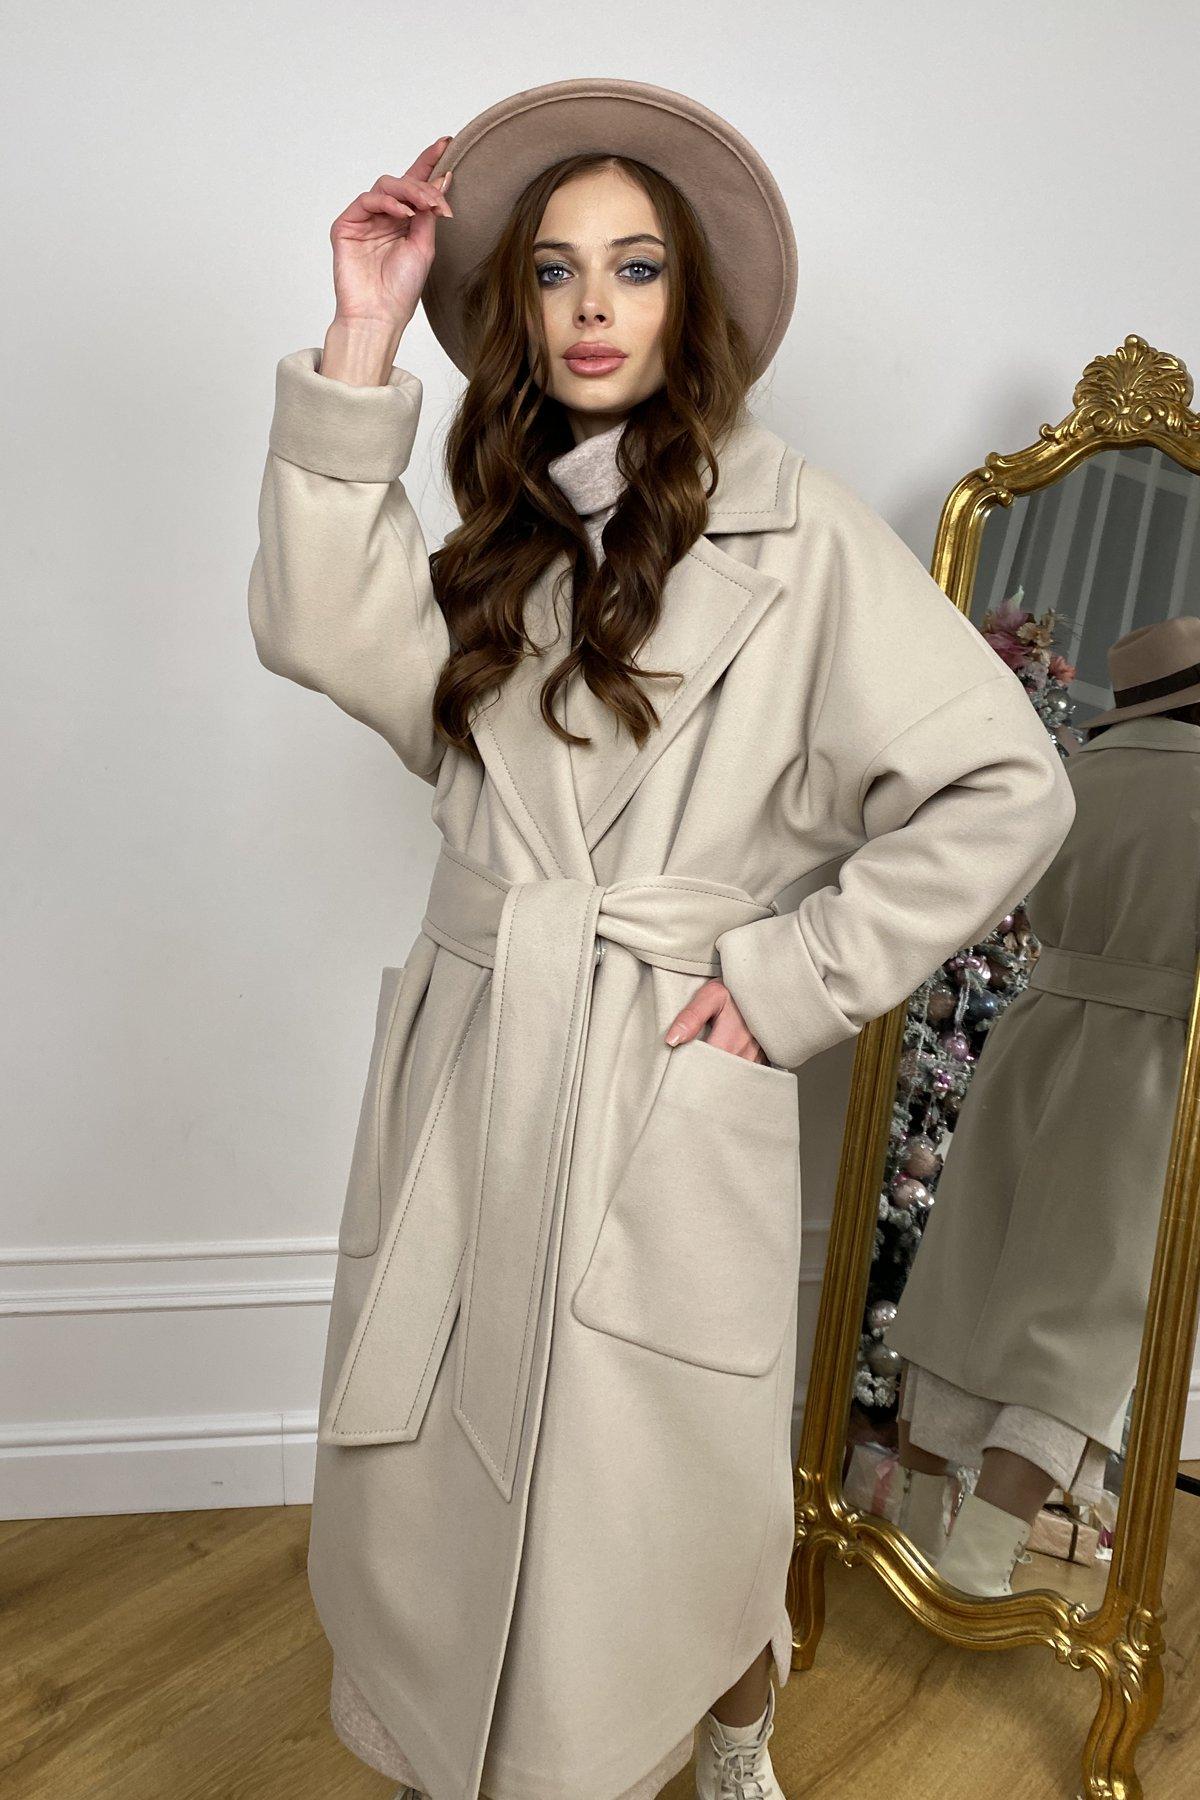 Кейт  зимнее пальто  из кашемира с хомутом 10097 АРТ. 46406 Цвет: Бежевый - фото 2, интернет магазин tm-modus.ru